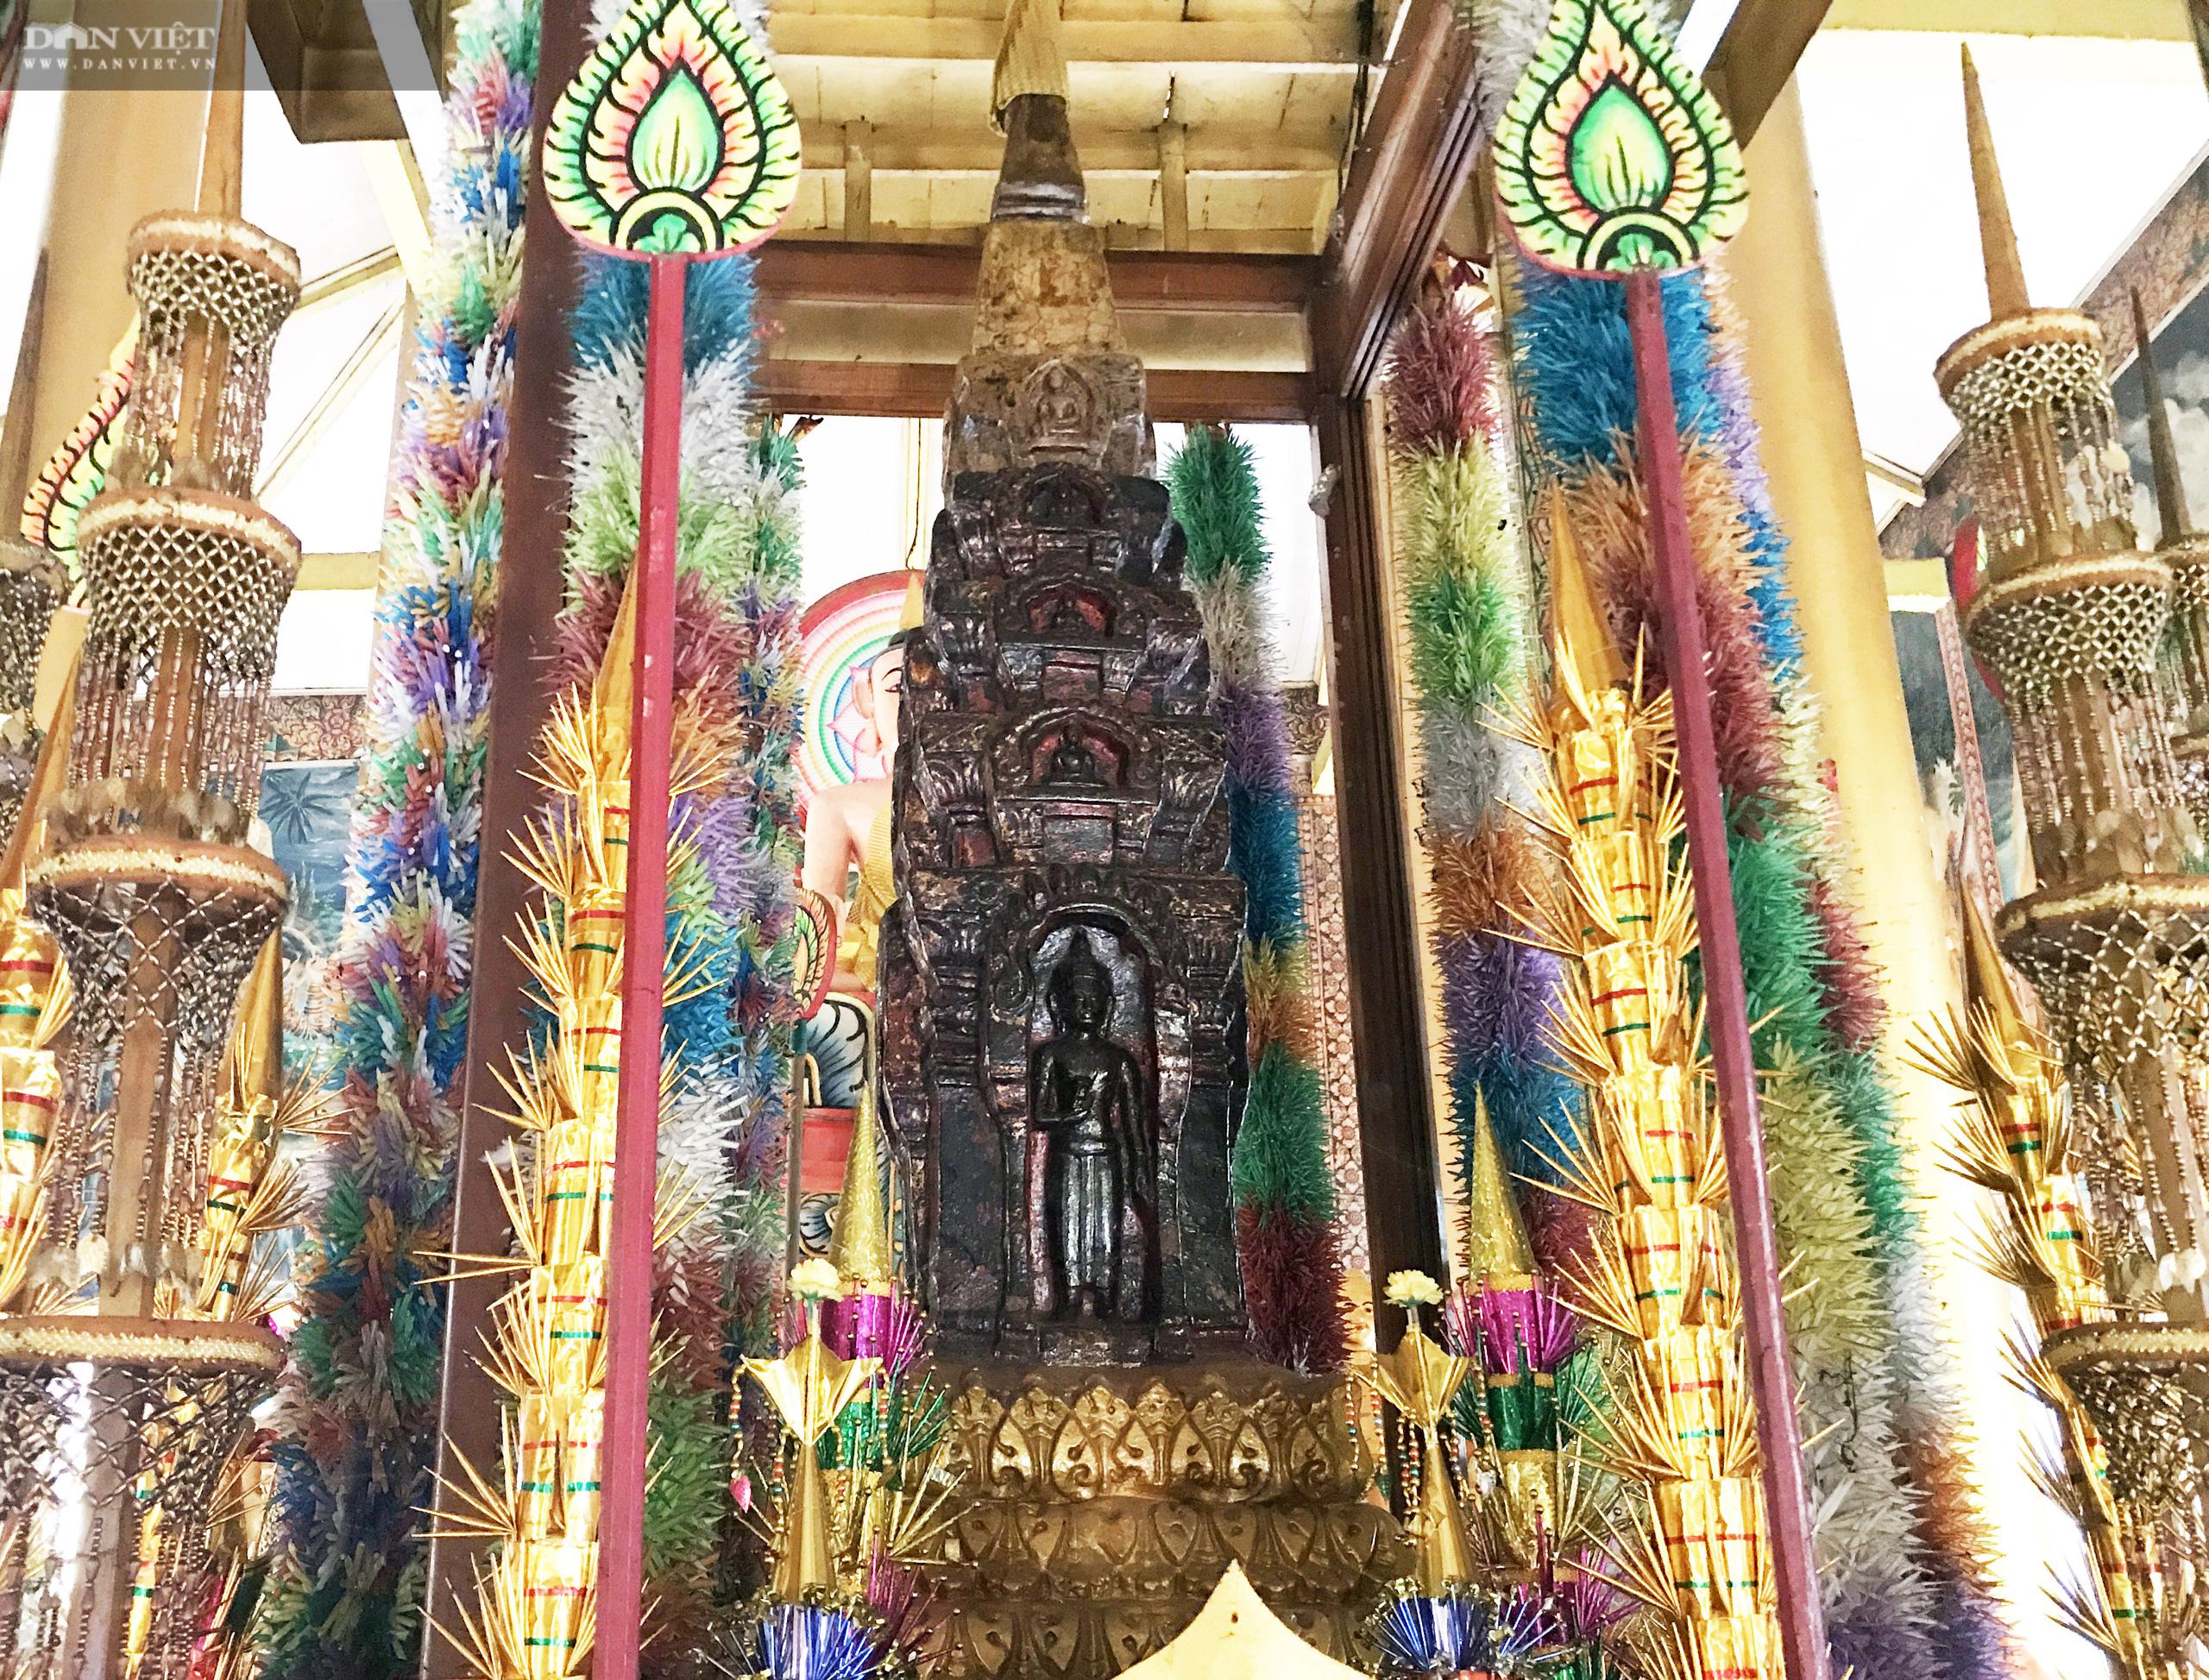 Sóc Trăng: Huyền bí ngôi chùa Khmer hơn 500 tuổi  - Ảnh 4.